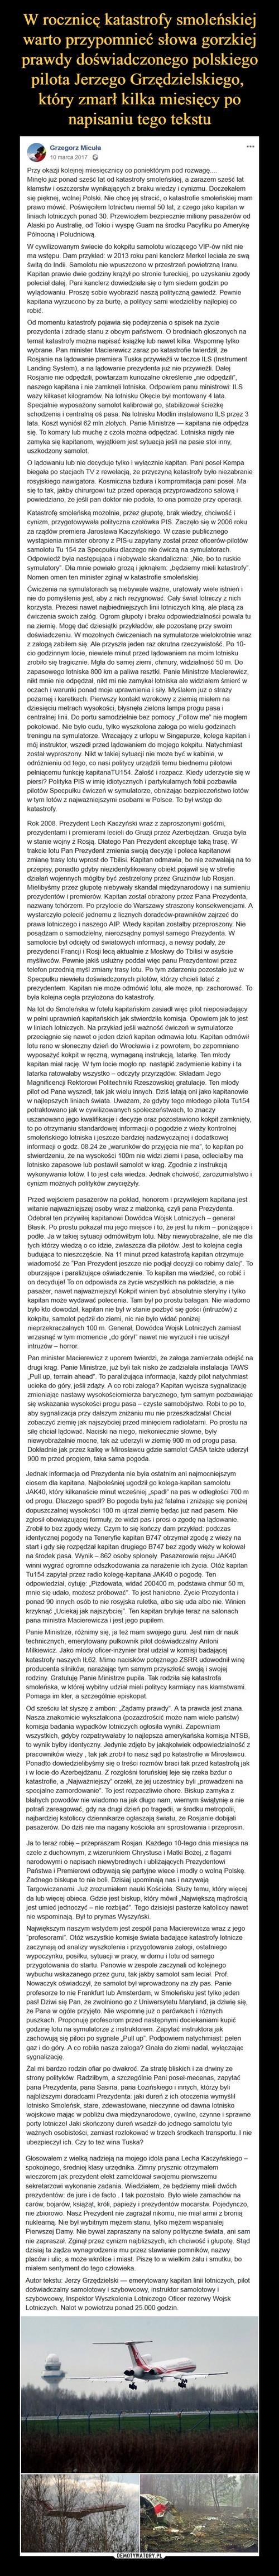 W rocznicę katastrofy smoleńskiej warto przypomnieć słowa gorzkiej prawdy doświadczonego polskiego pilota Jerzego Grzędzielskiego,  który zmarł kilka miesięcy po napisaniu tego tekstu